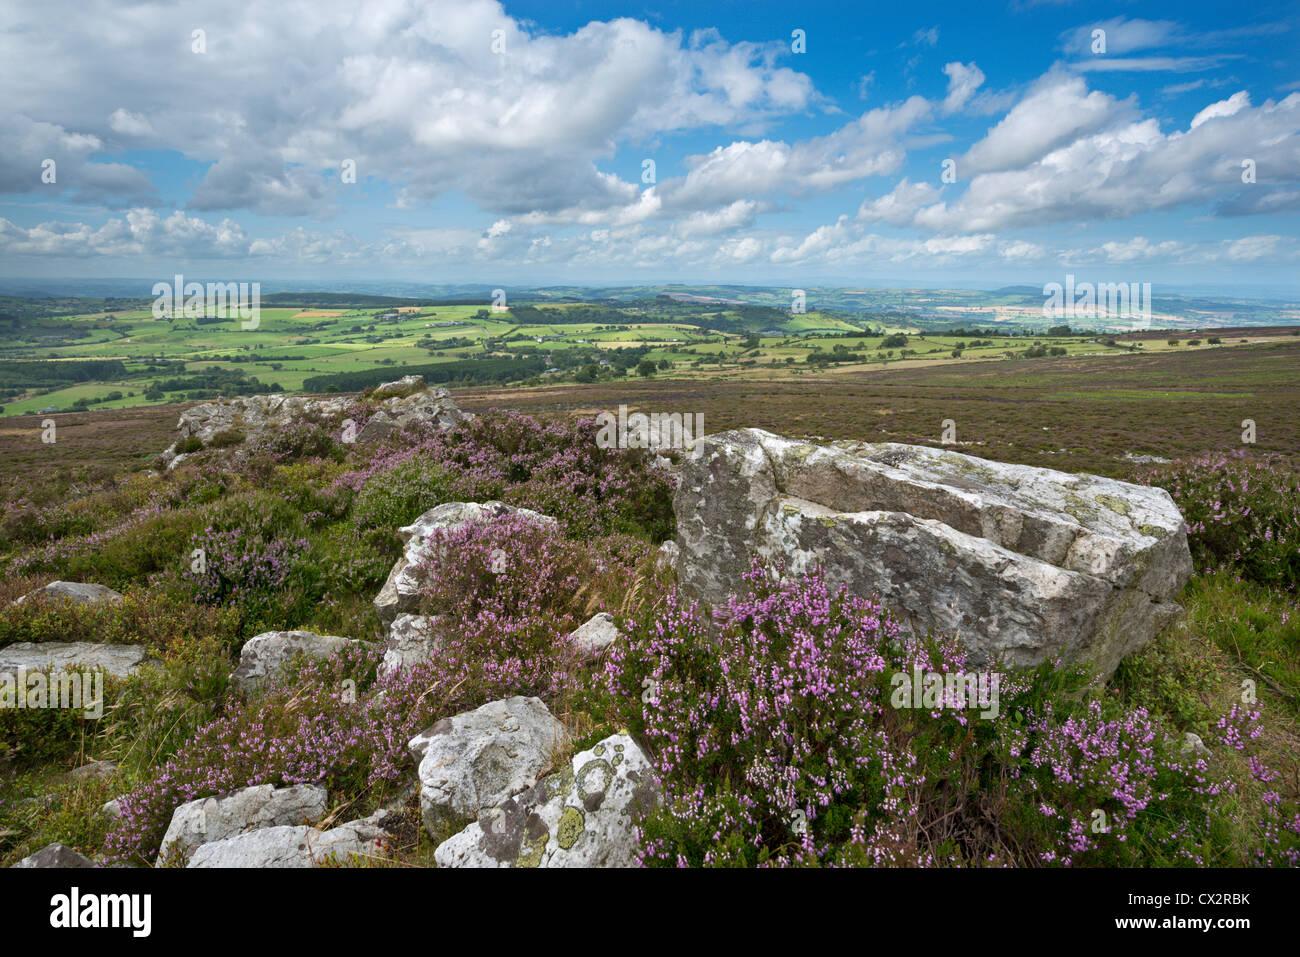 La floraison sur les Stiperstones heather ridge, Shropshire, Angleterre. L'été (août) 2012. Photo Stock